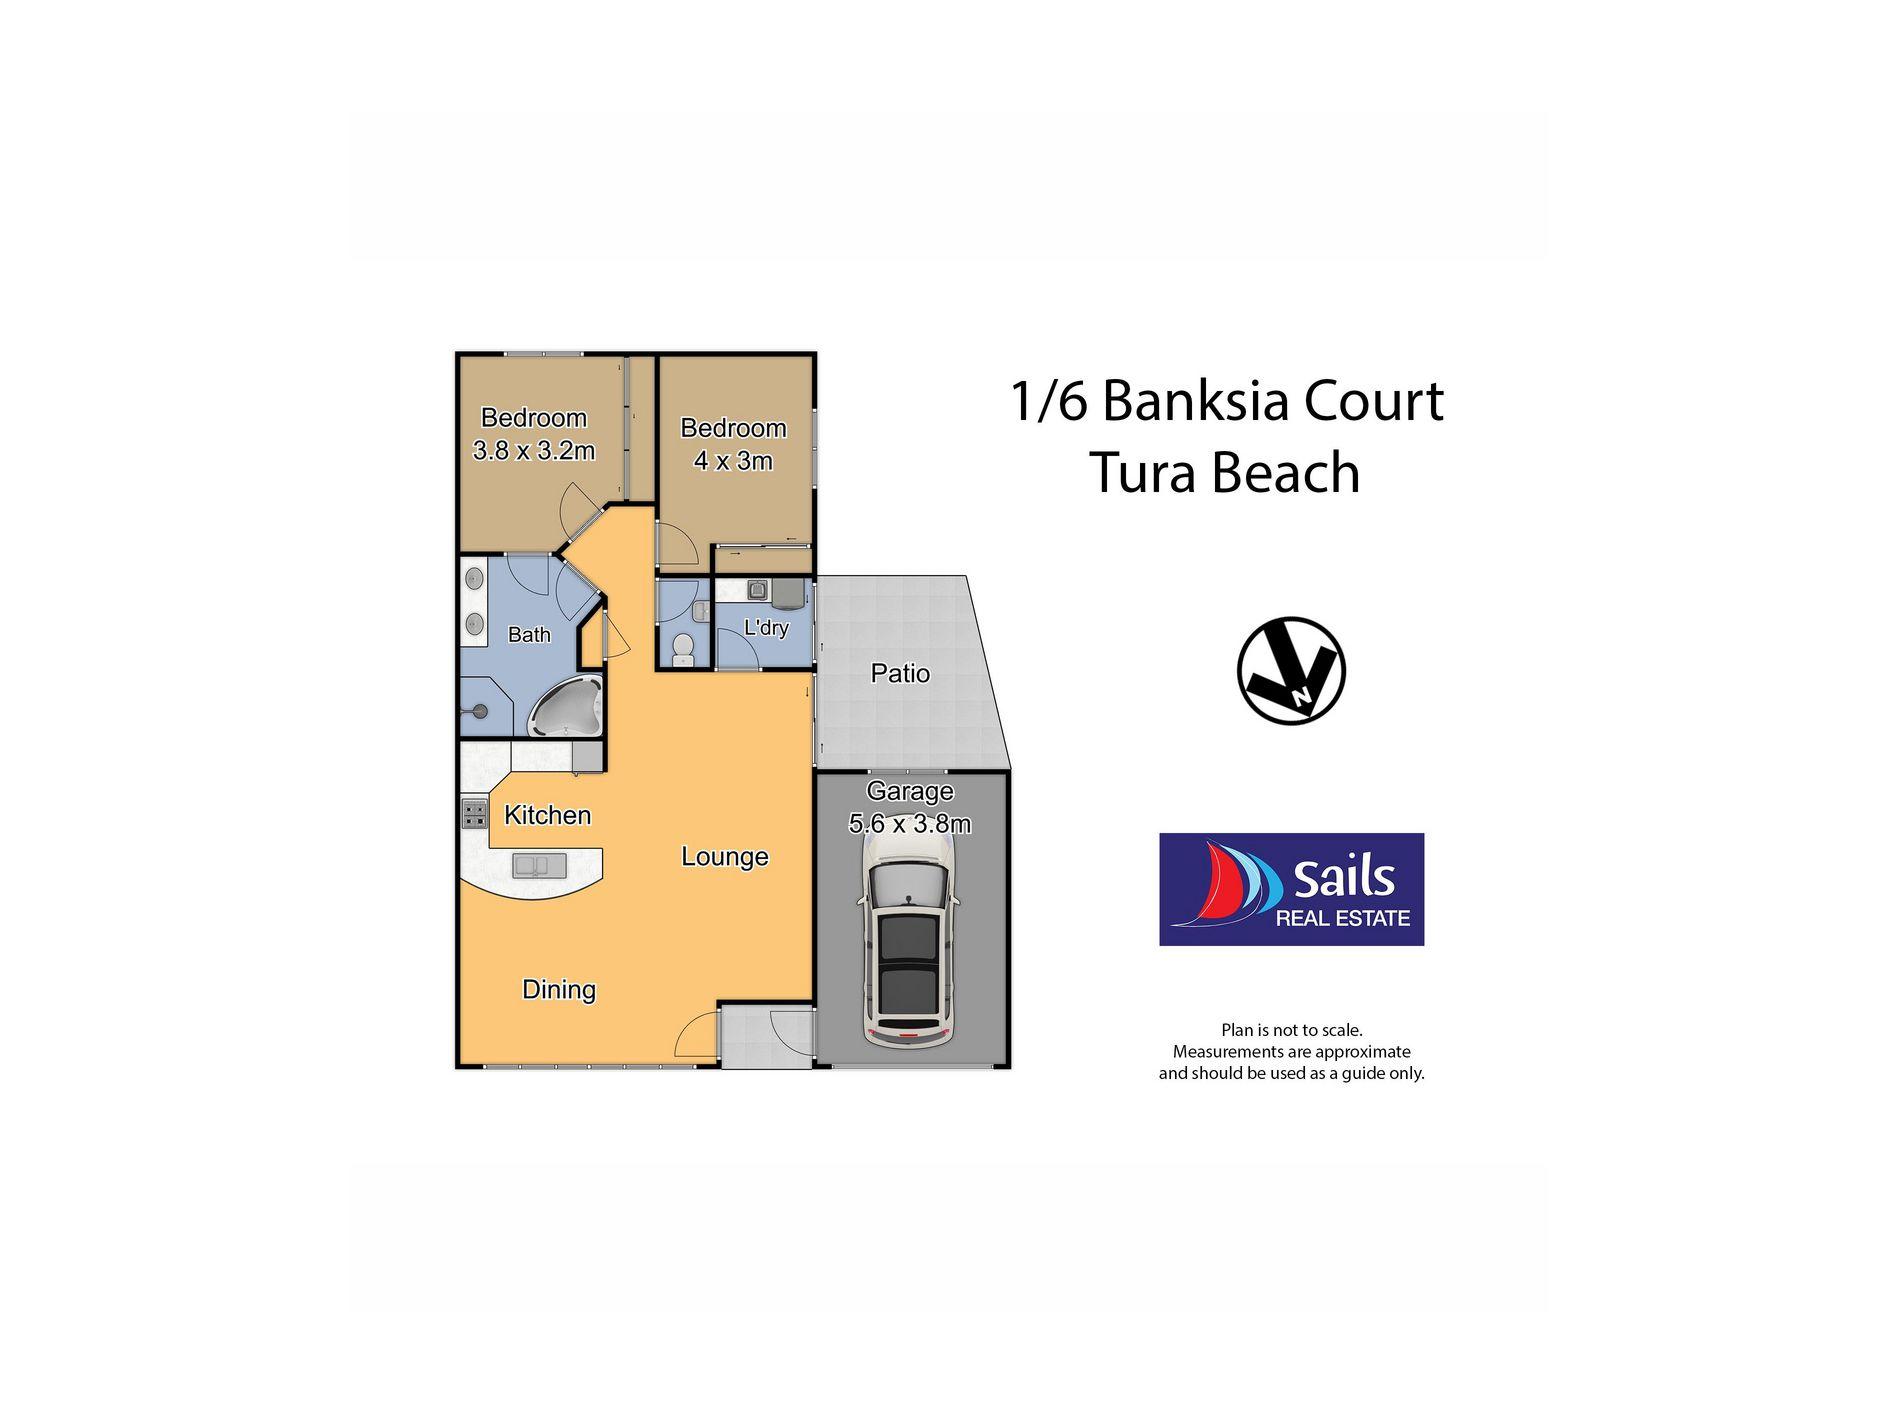 1 / 6 Banksia Court, Tura Beach